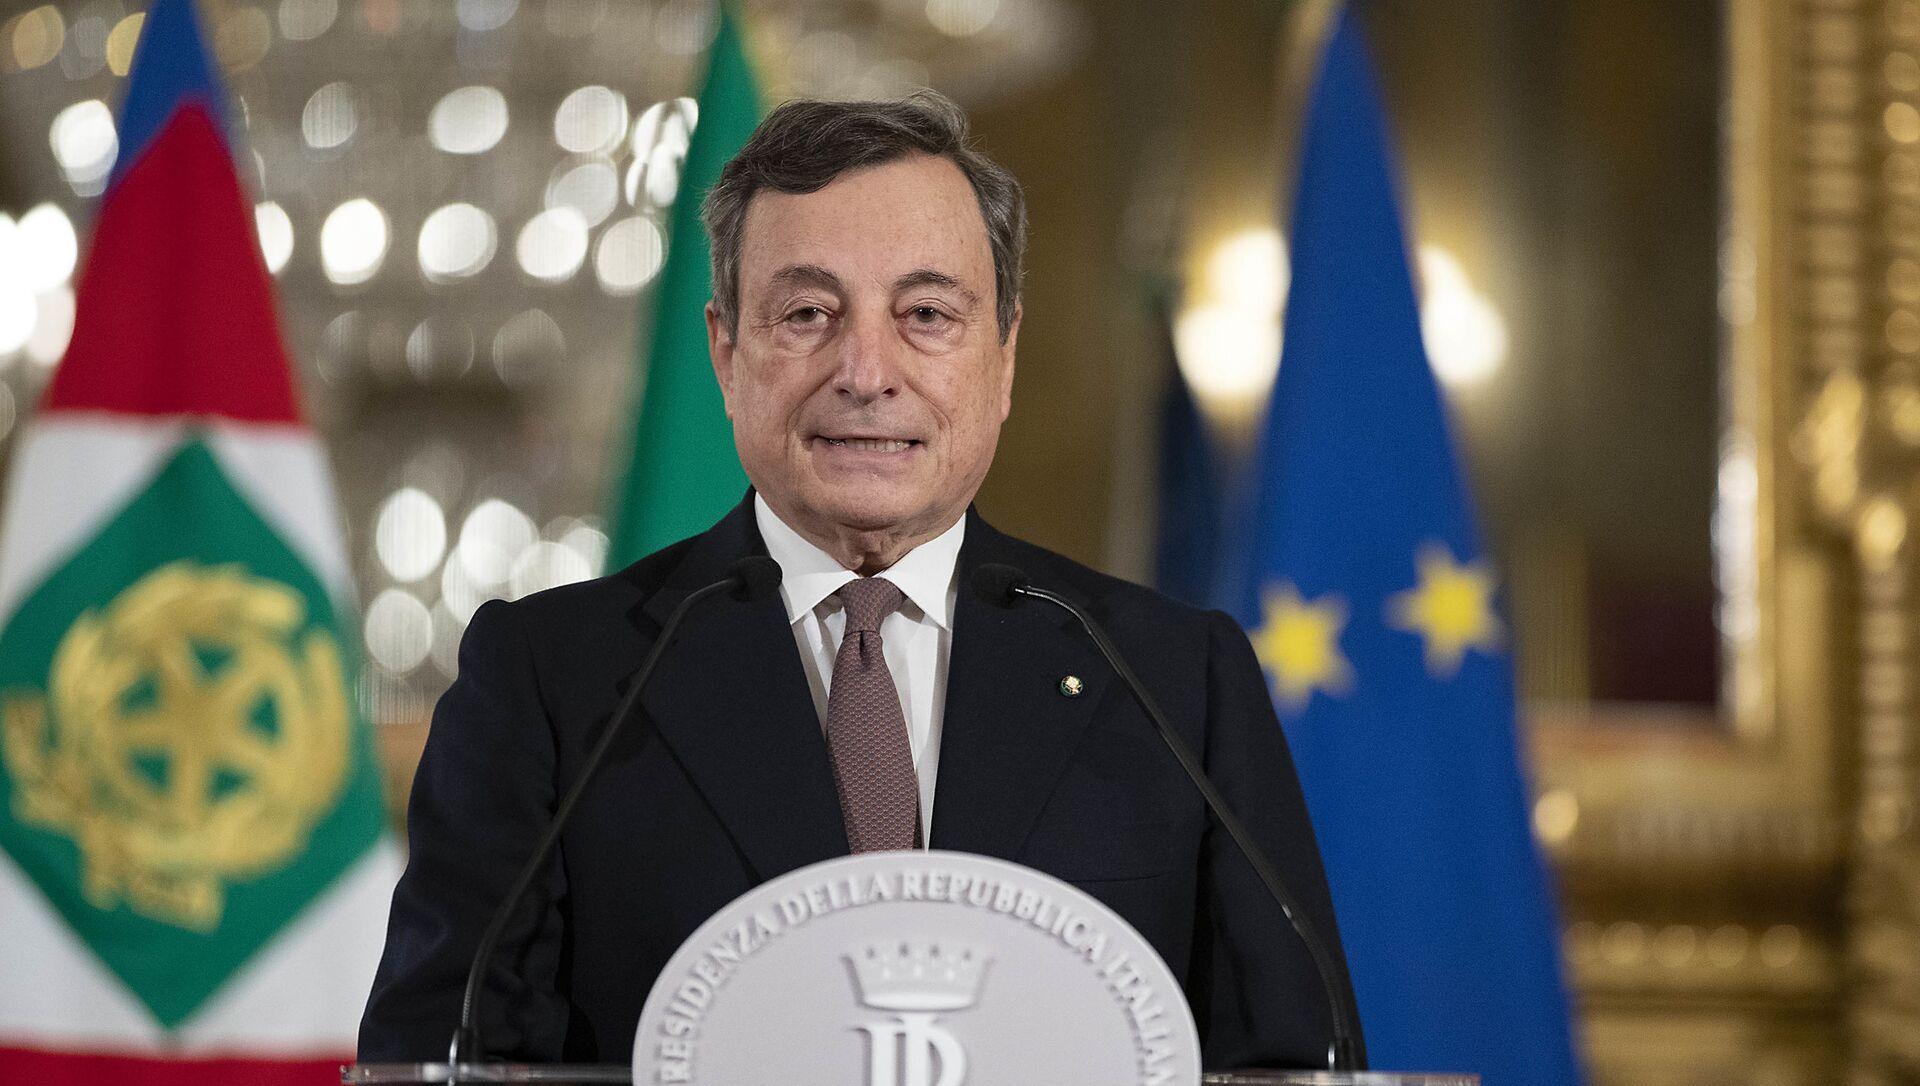 Mario Draghi annuncia la sua squadra dei ministri - Sputnik Italia, 1920, 16.02.2021